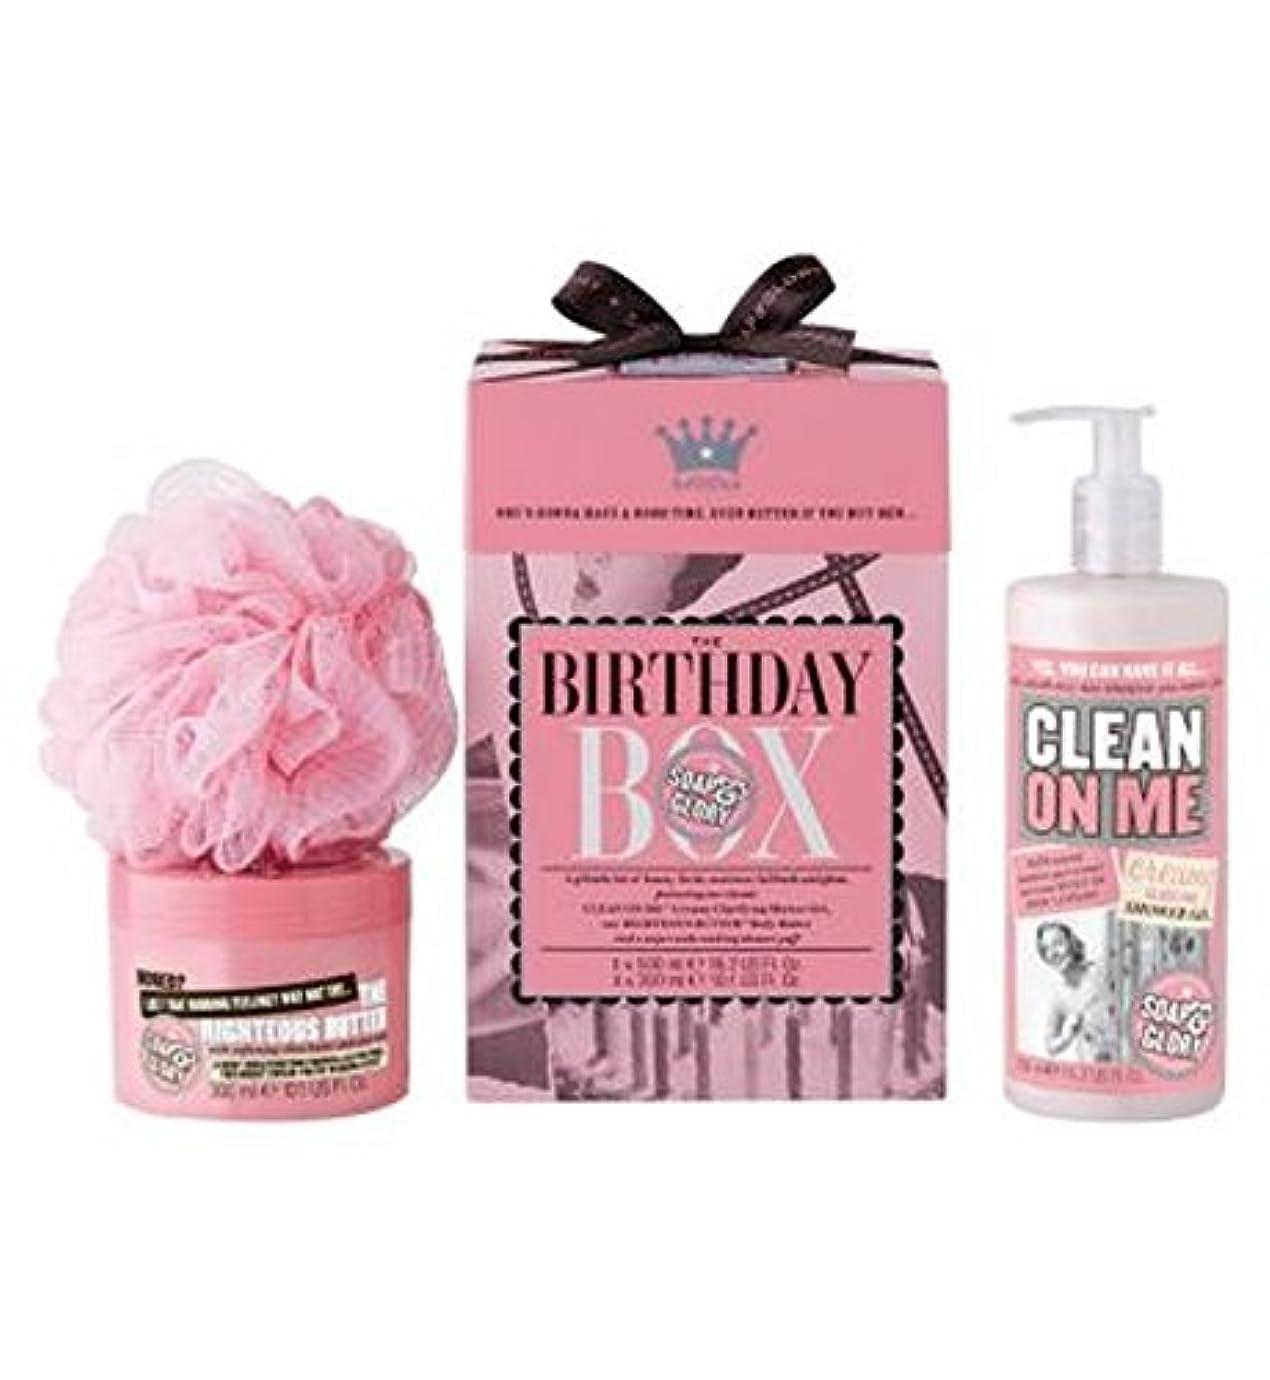 明快ドアミラーフォーラム石鹸&栄光の誕生日箱のギフトセット (Soap & Glory) (x2) - Soap & Glory The Birthday Box Gift Set (Pack of 2) [並行輸入品]